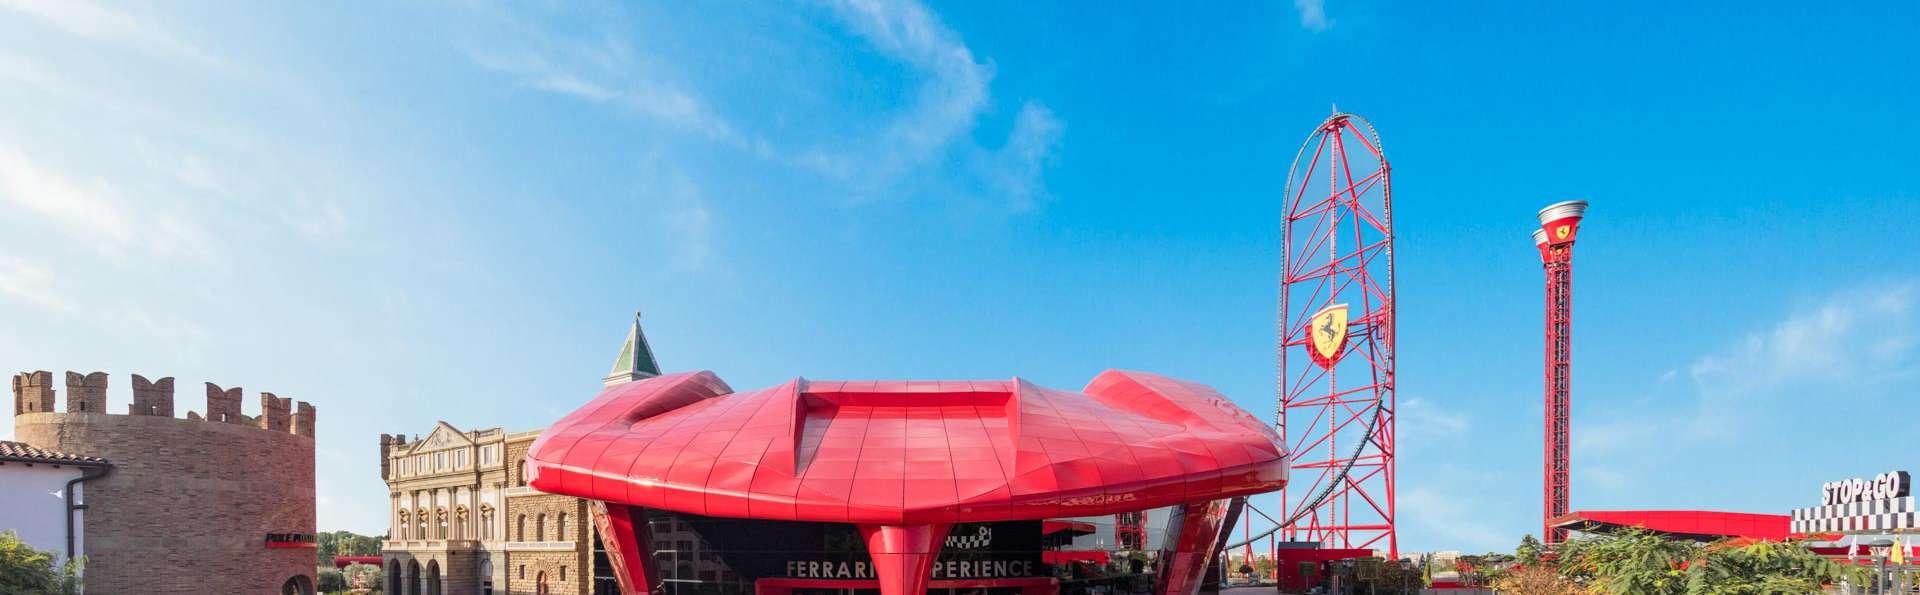 Aventure et émotion au parc Ferrari Land et au PortAventura Park (à partir de 2 nuits)